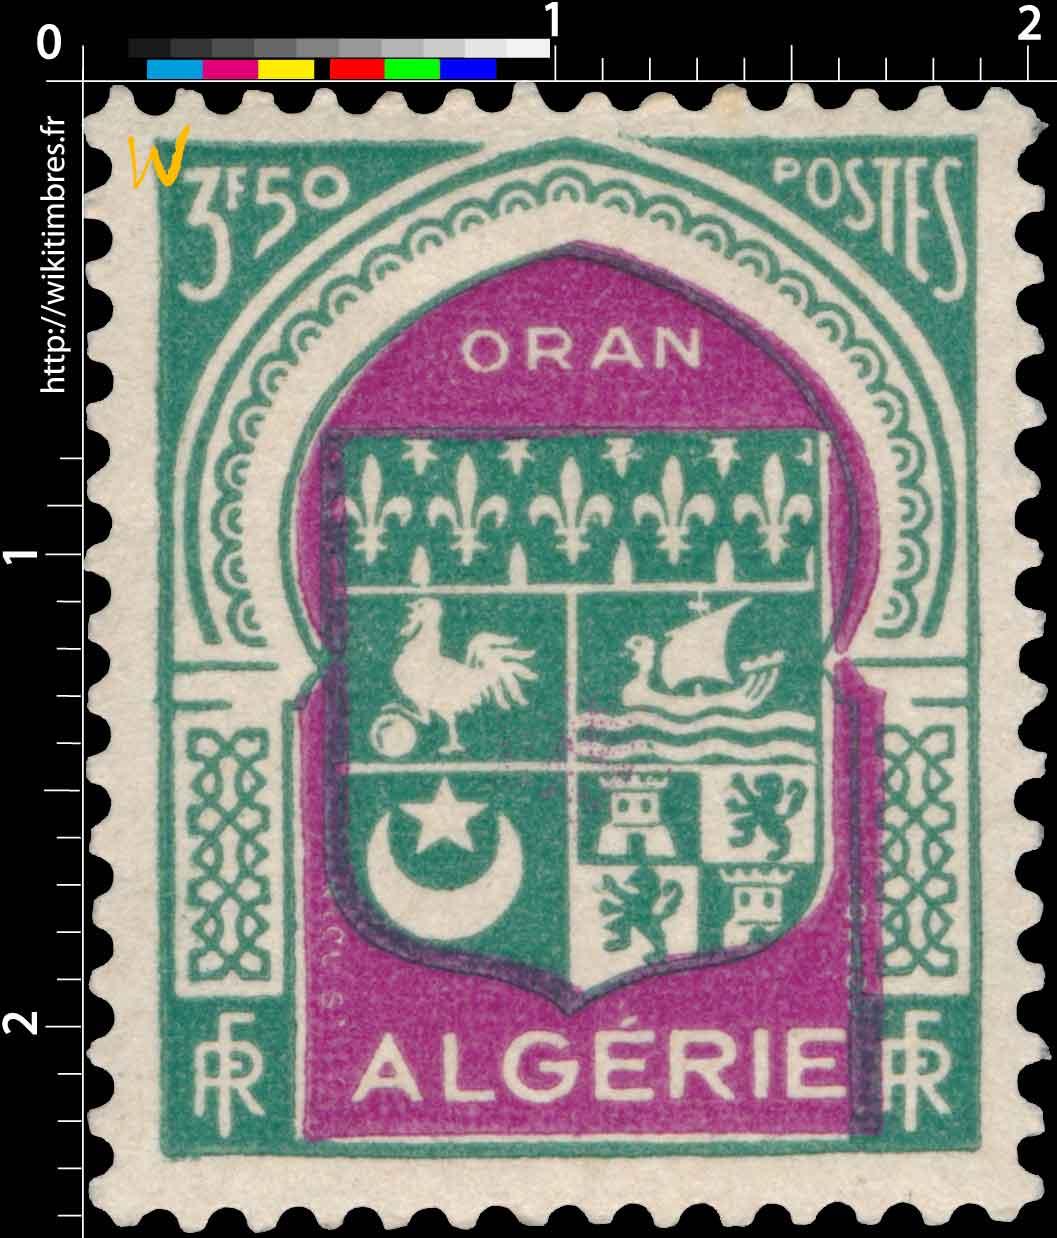 Algérie  Oran